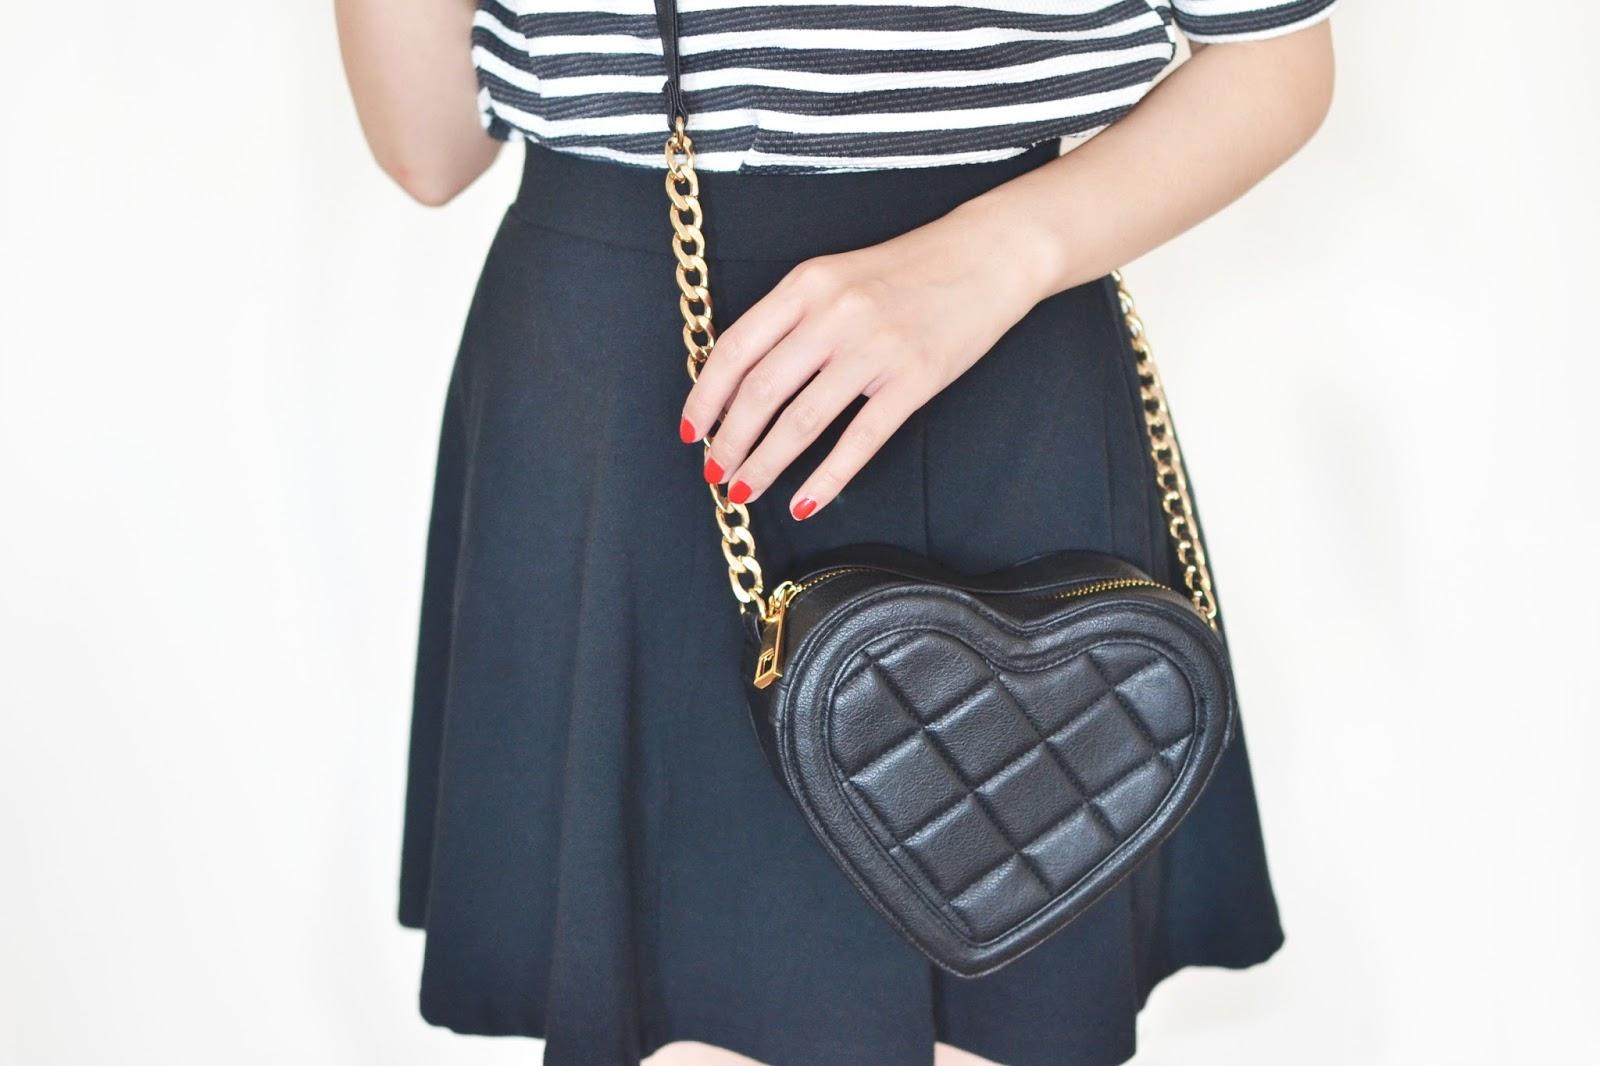 heart shaped bag, black heart shaped bag asos